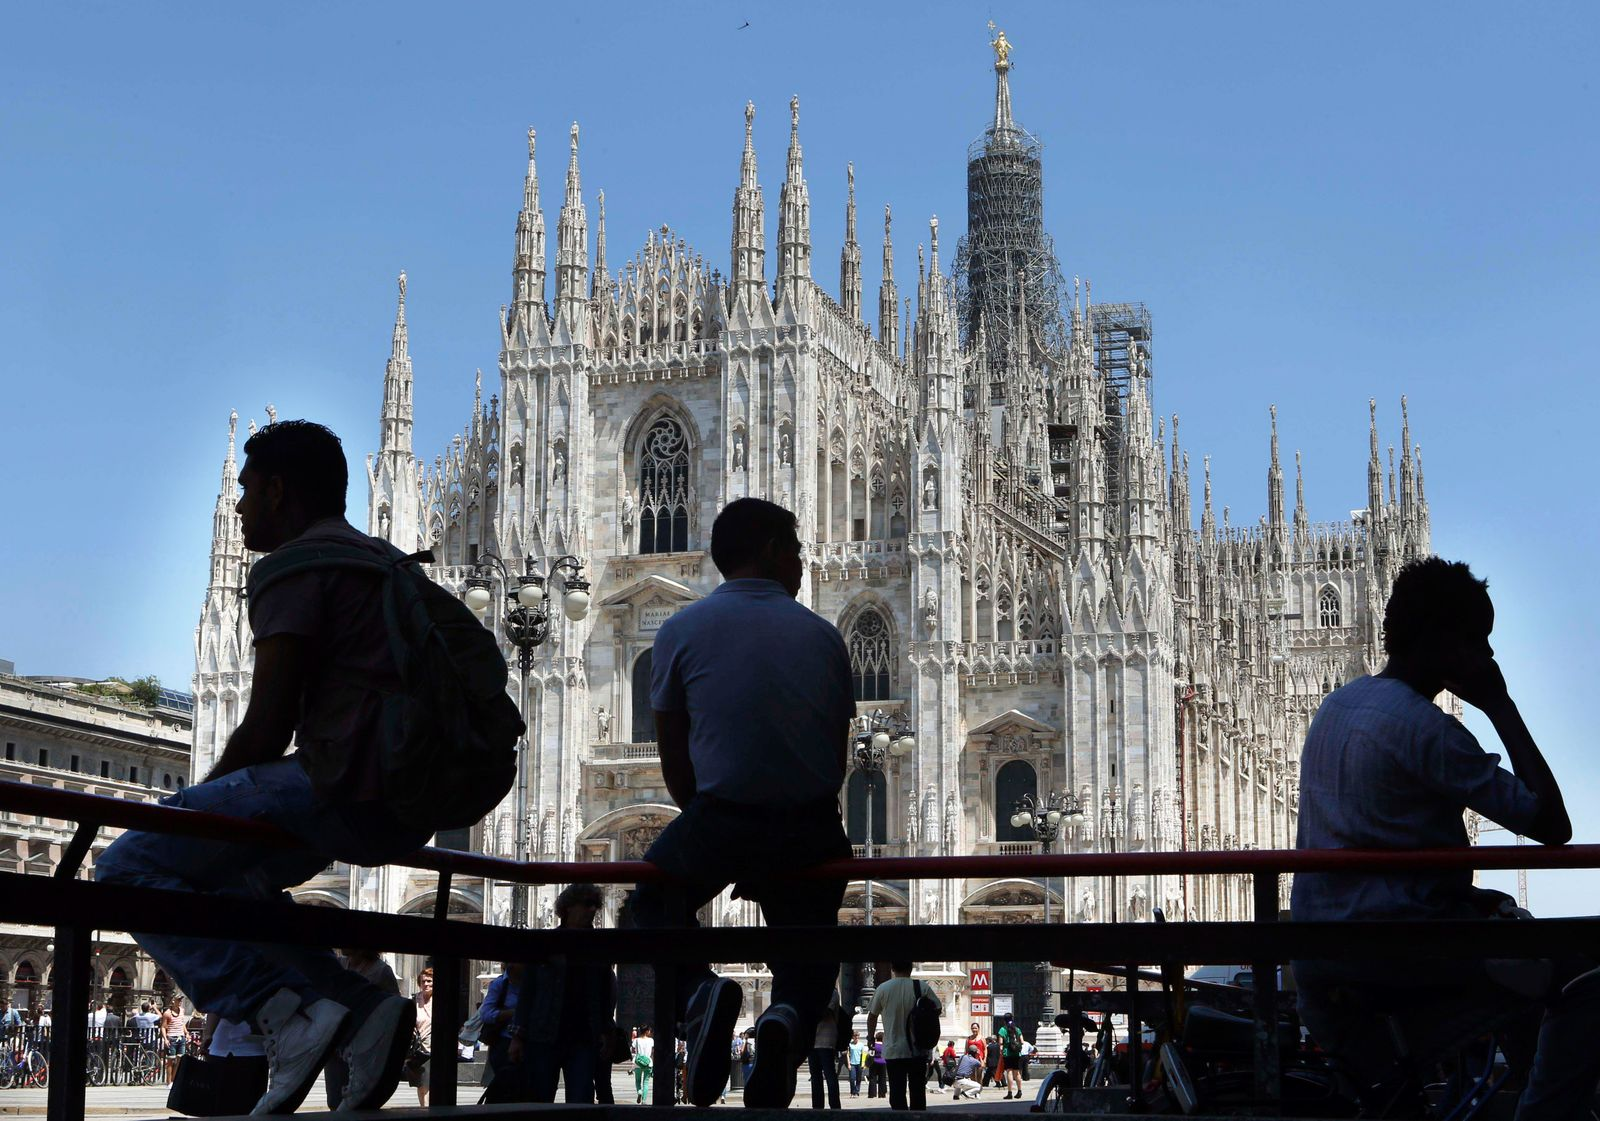 Italien / Finanzkrise / Armut / Euro-Zone / Inflation / Konjunktur